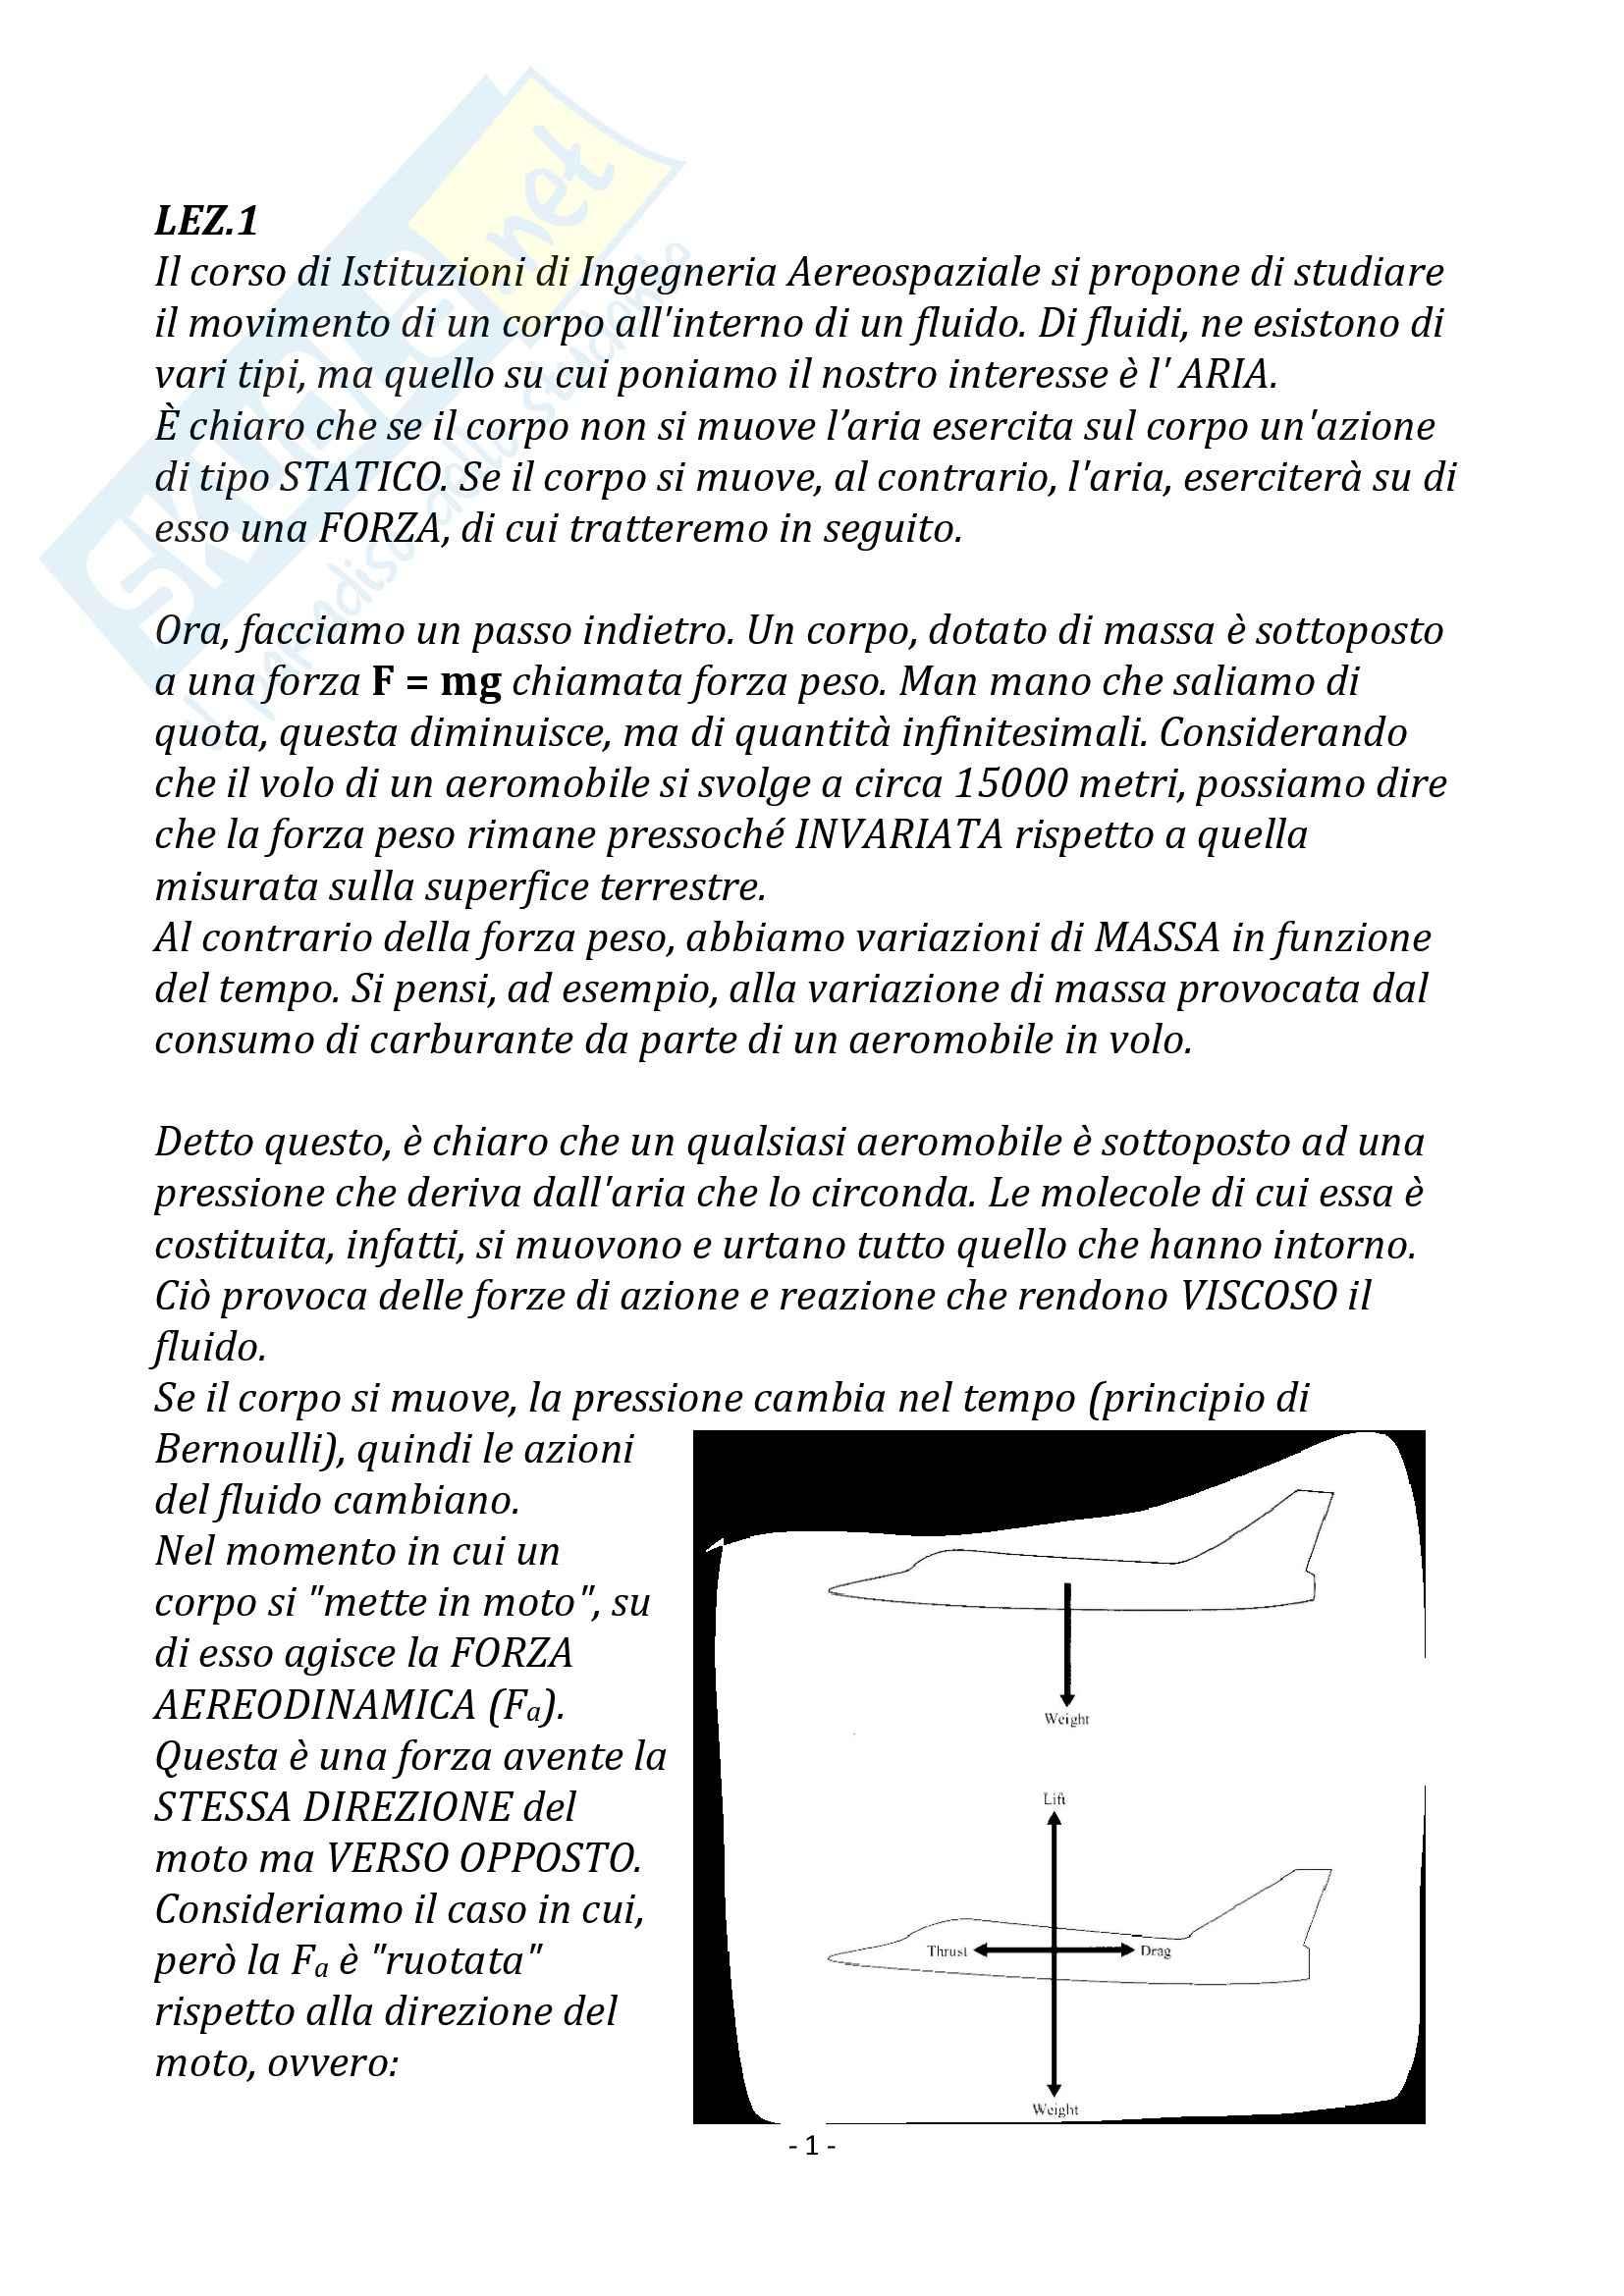 Istituzioni di ingegneria spaziale - Appunti